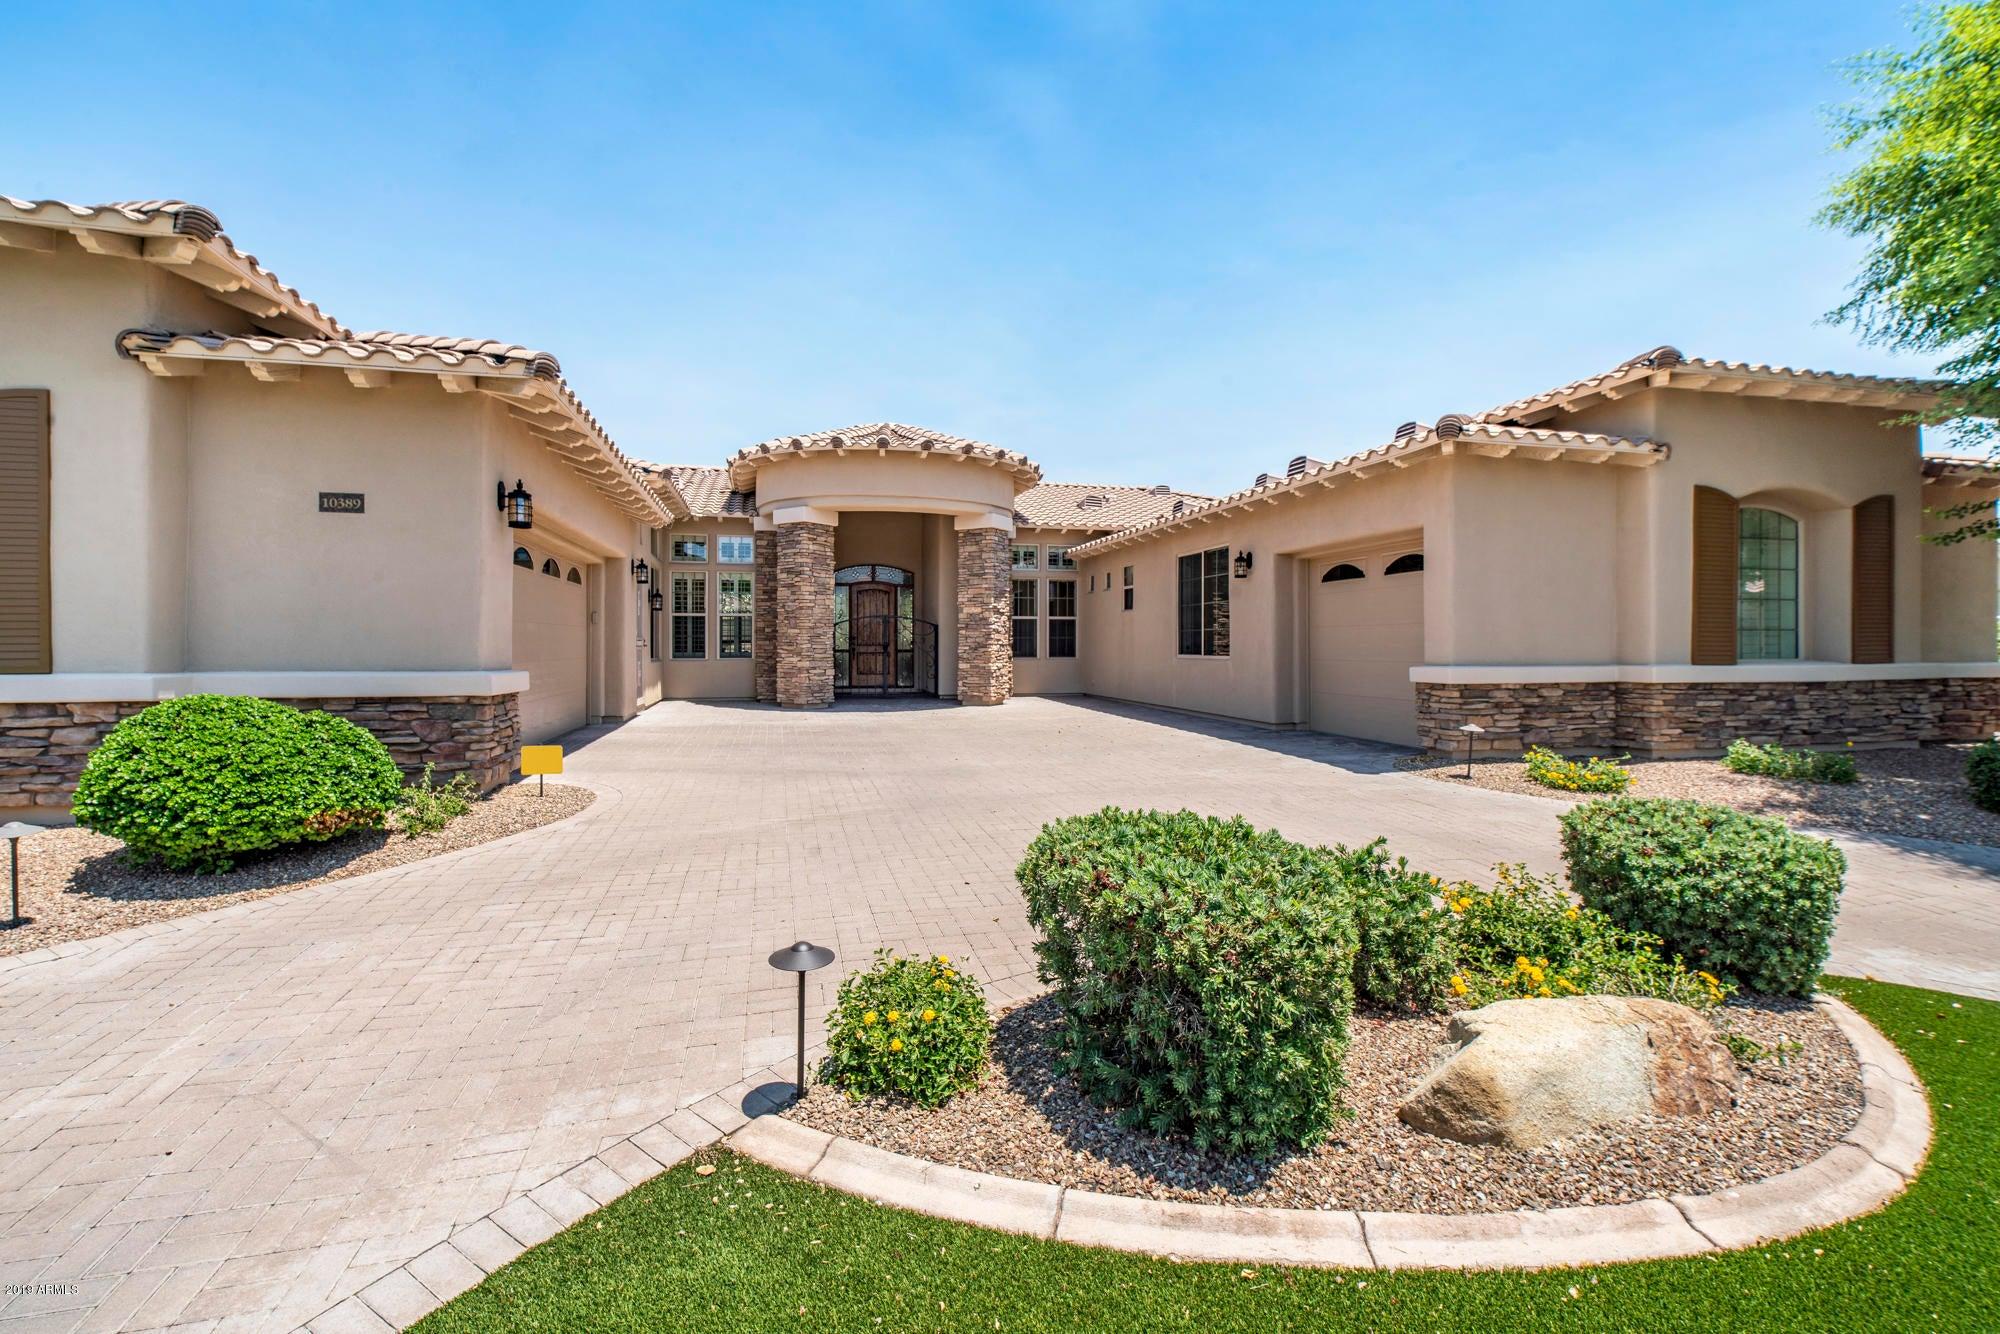 10389 N 109TH Way, Scottsdale, AZ 85259